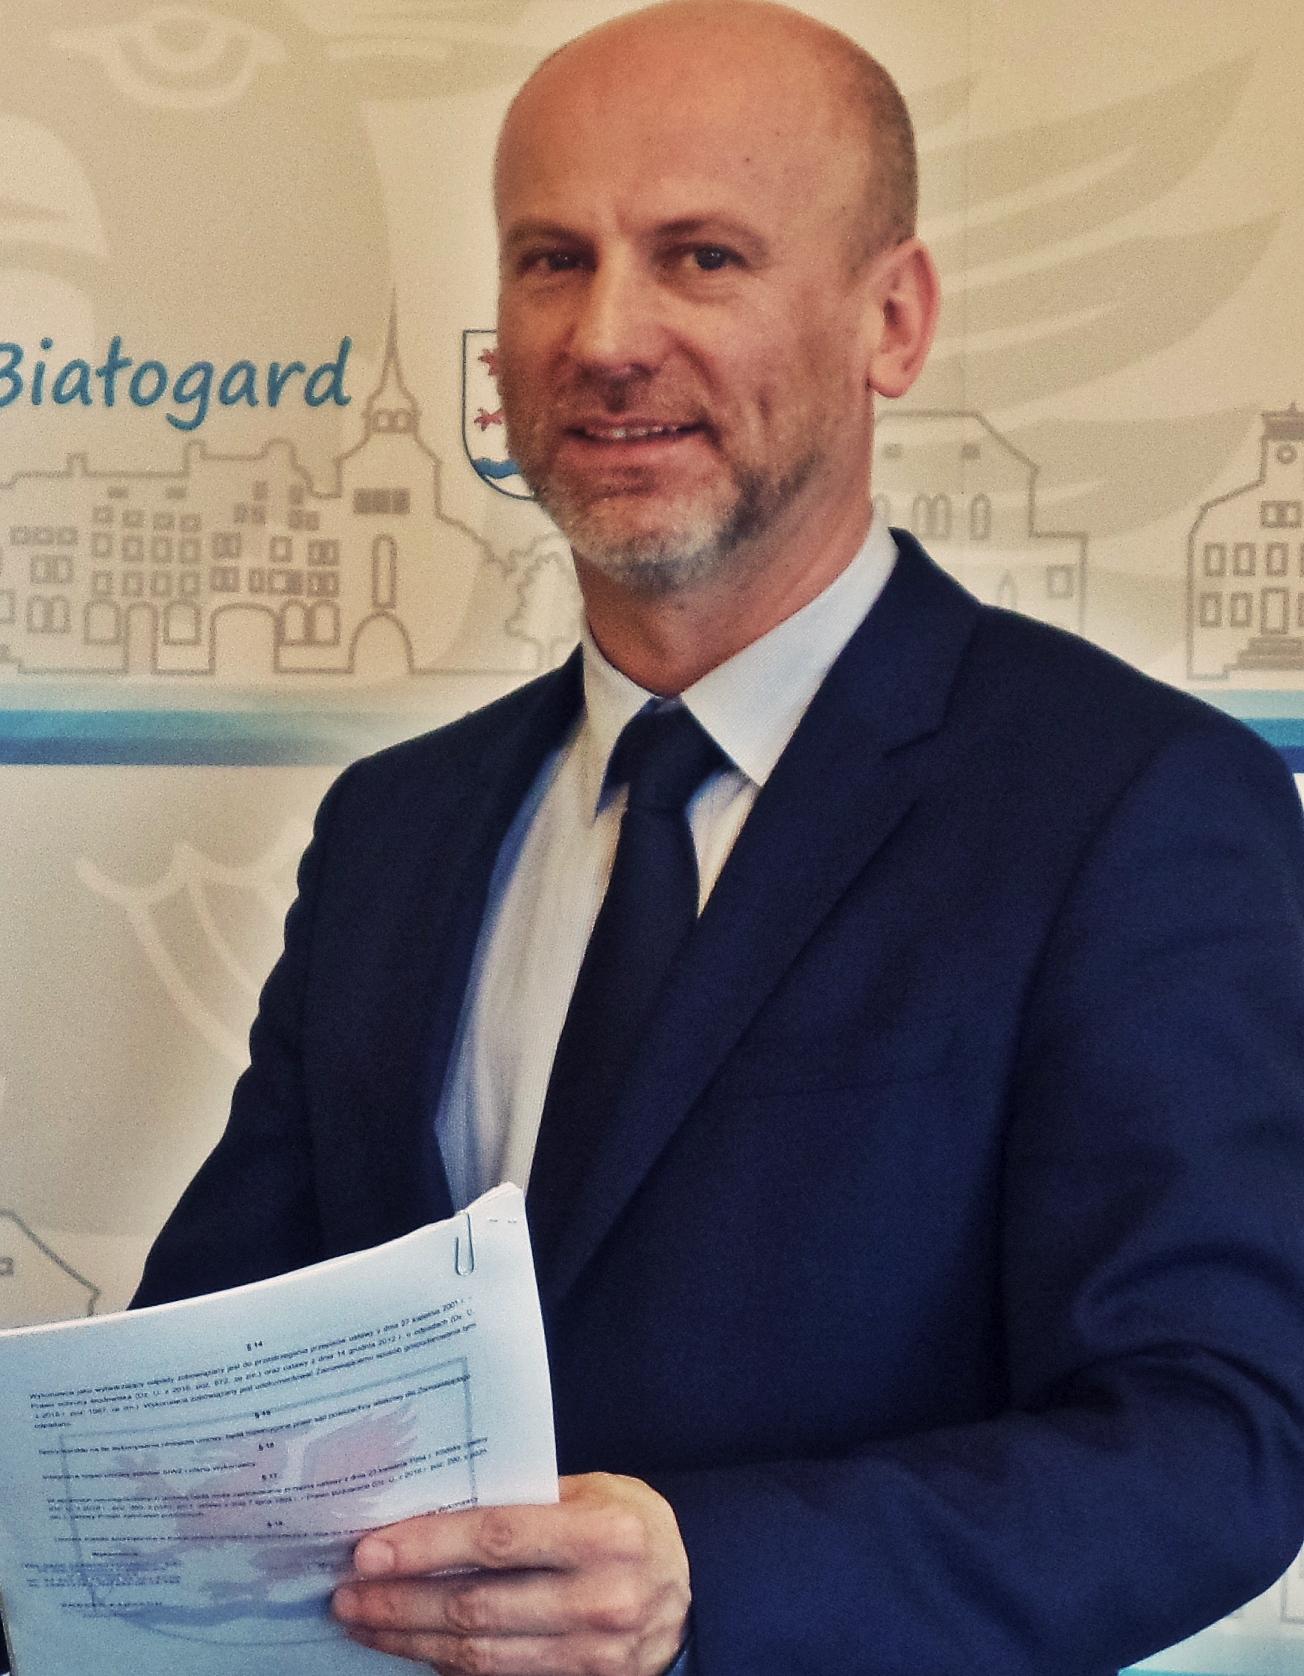 Burmistrz Białogardu Krzysztof Bagiński